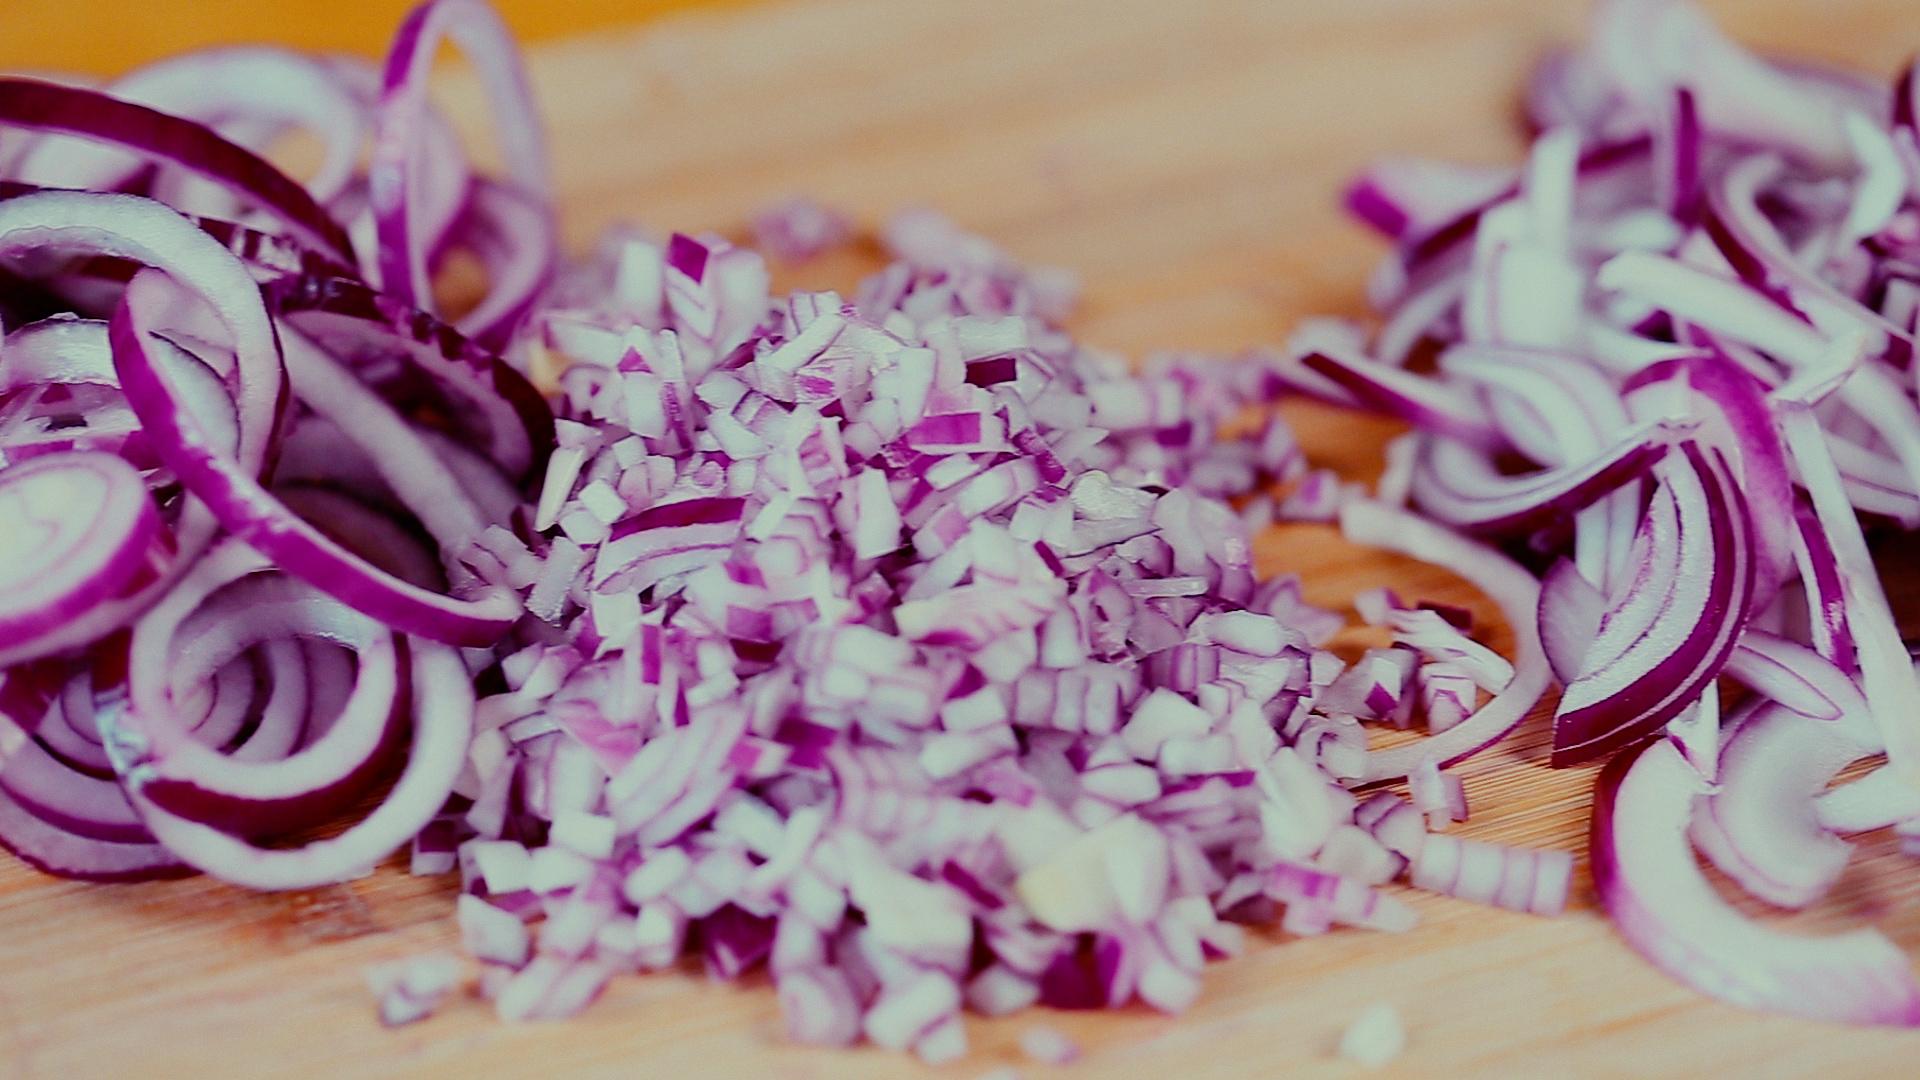 Hogyan kell főzni a hagymát a prosztatitisből prostata ingrossata nuovo farmaco